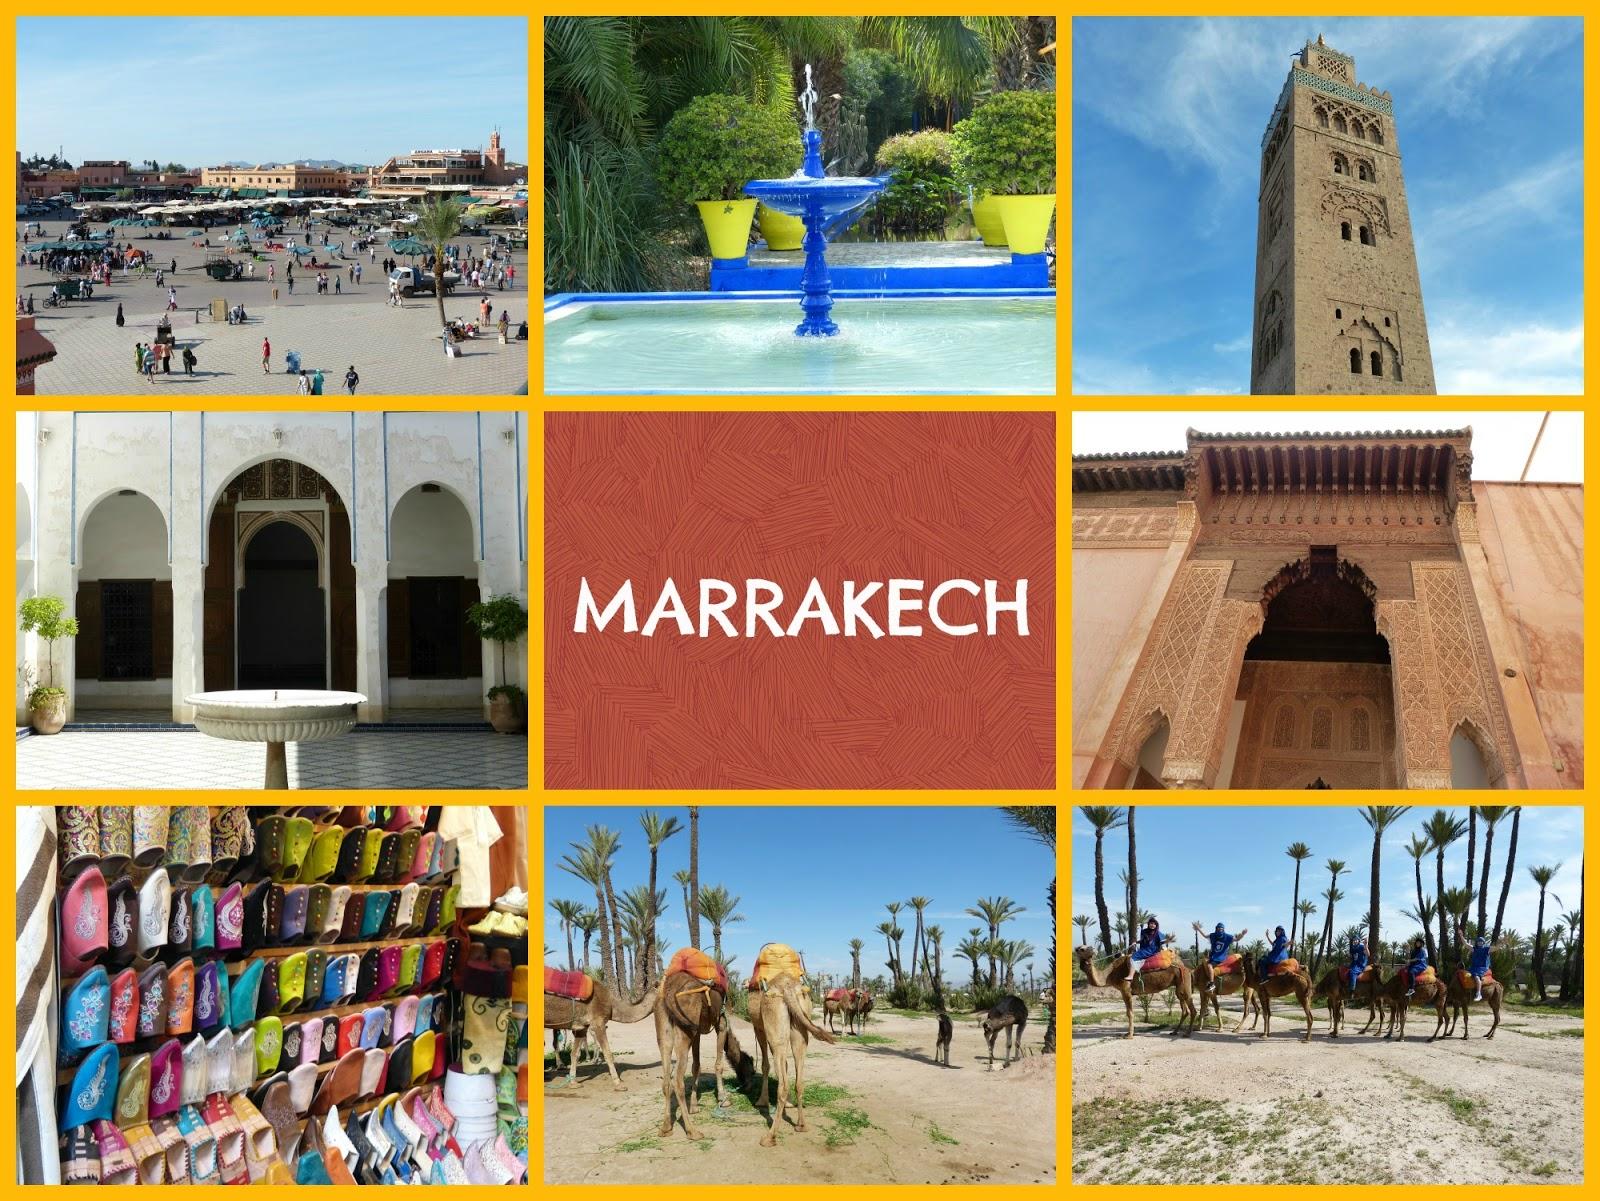 9d045f273955 Vuelvo a mis post de viajes con nuestra experiencia en Marrakech. Fuimos 6  amigos el pasado mes de abril y volvimos encantados